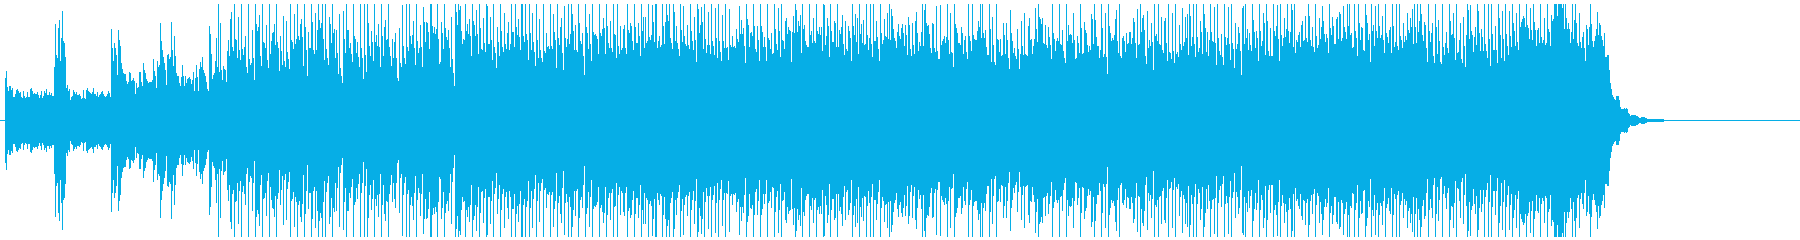 レース向きの疾走感とスリルのあるロックの再生済みの波形